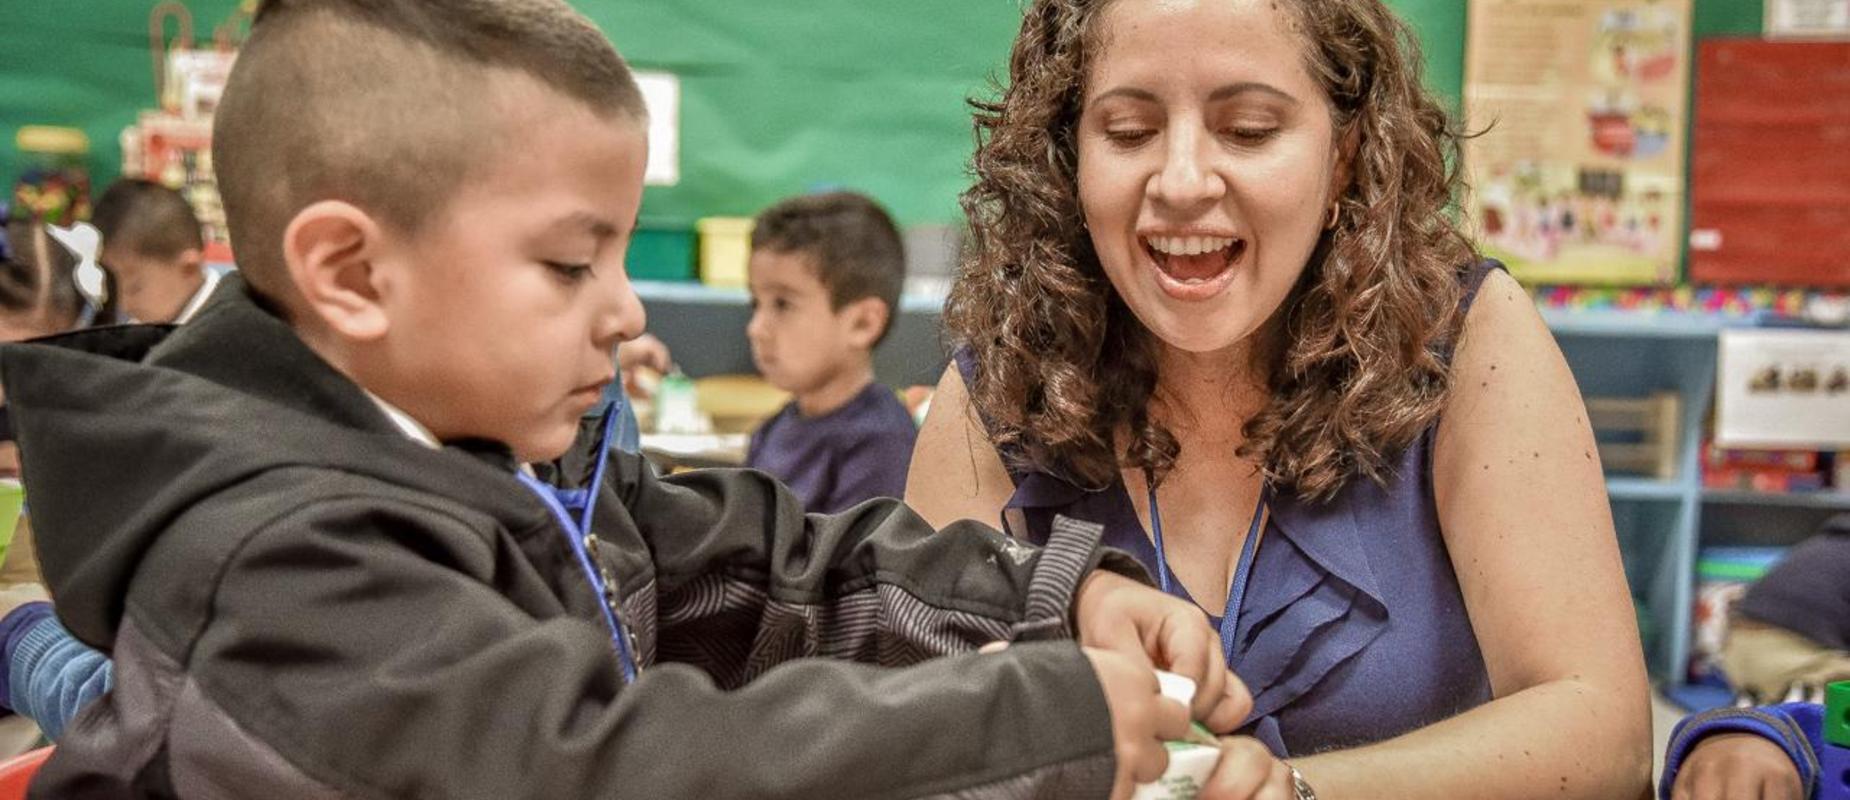 A teacher helping a student open his milk